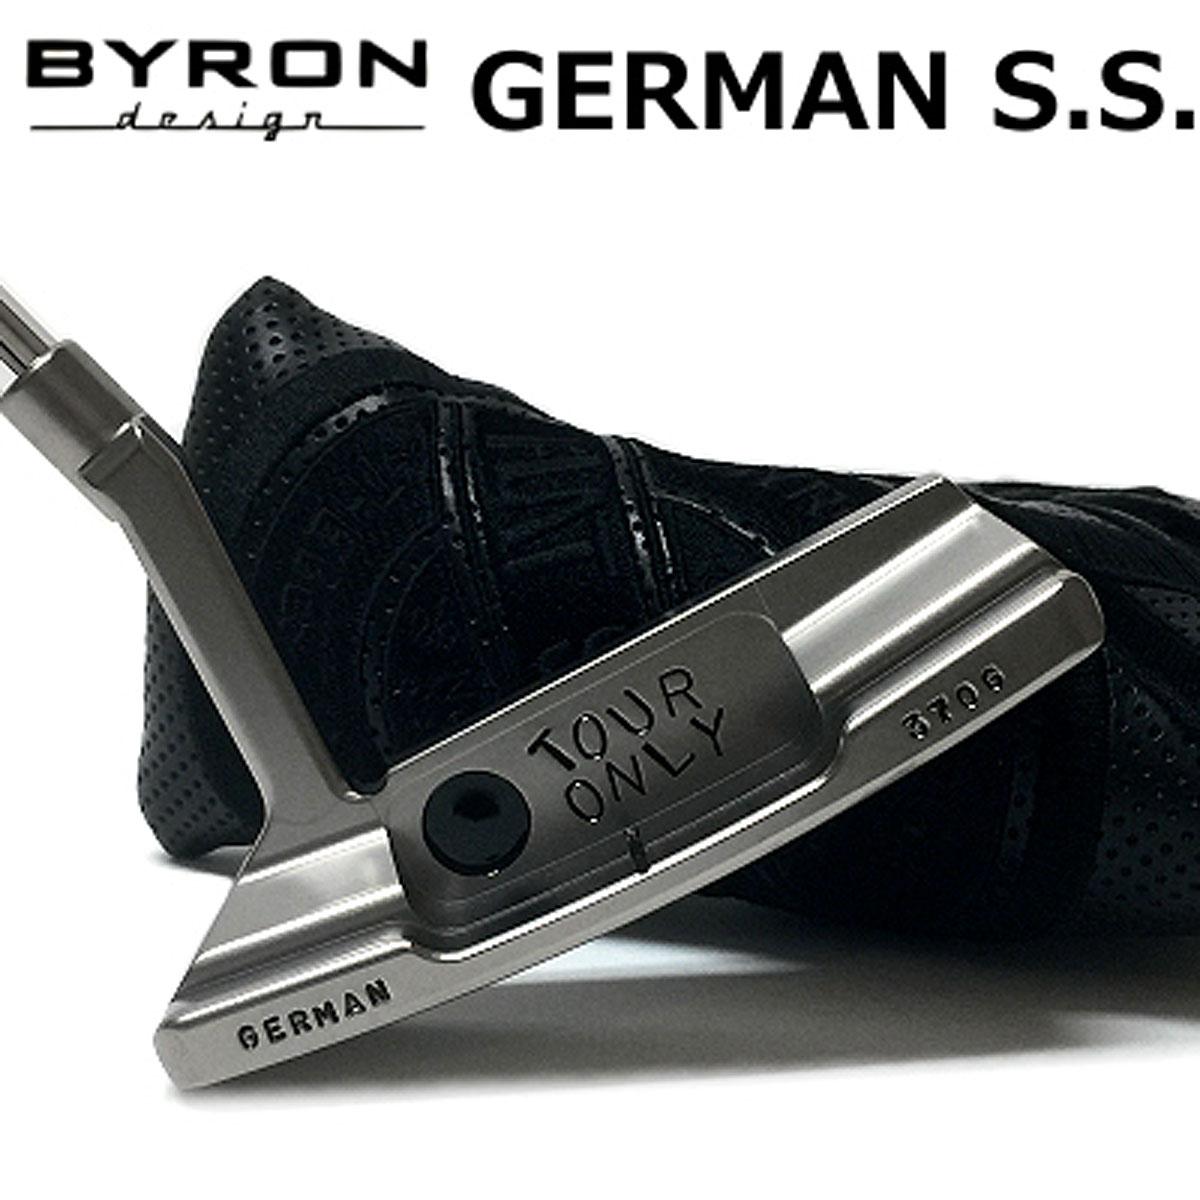 【【最大3300円OFFクーポン】】BYRON design(バイロンデザイン) GSSパター シャンペーンブラック仕上げ GERMAN S.S. 370G Champane Black